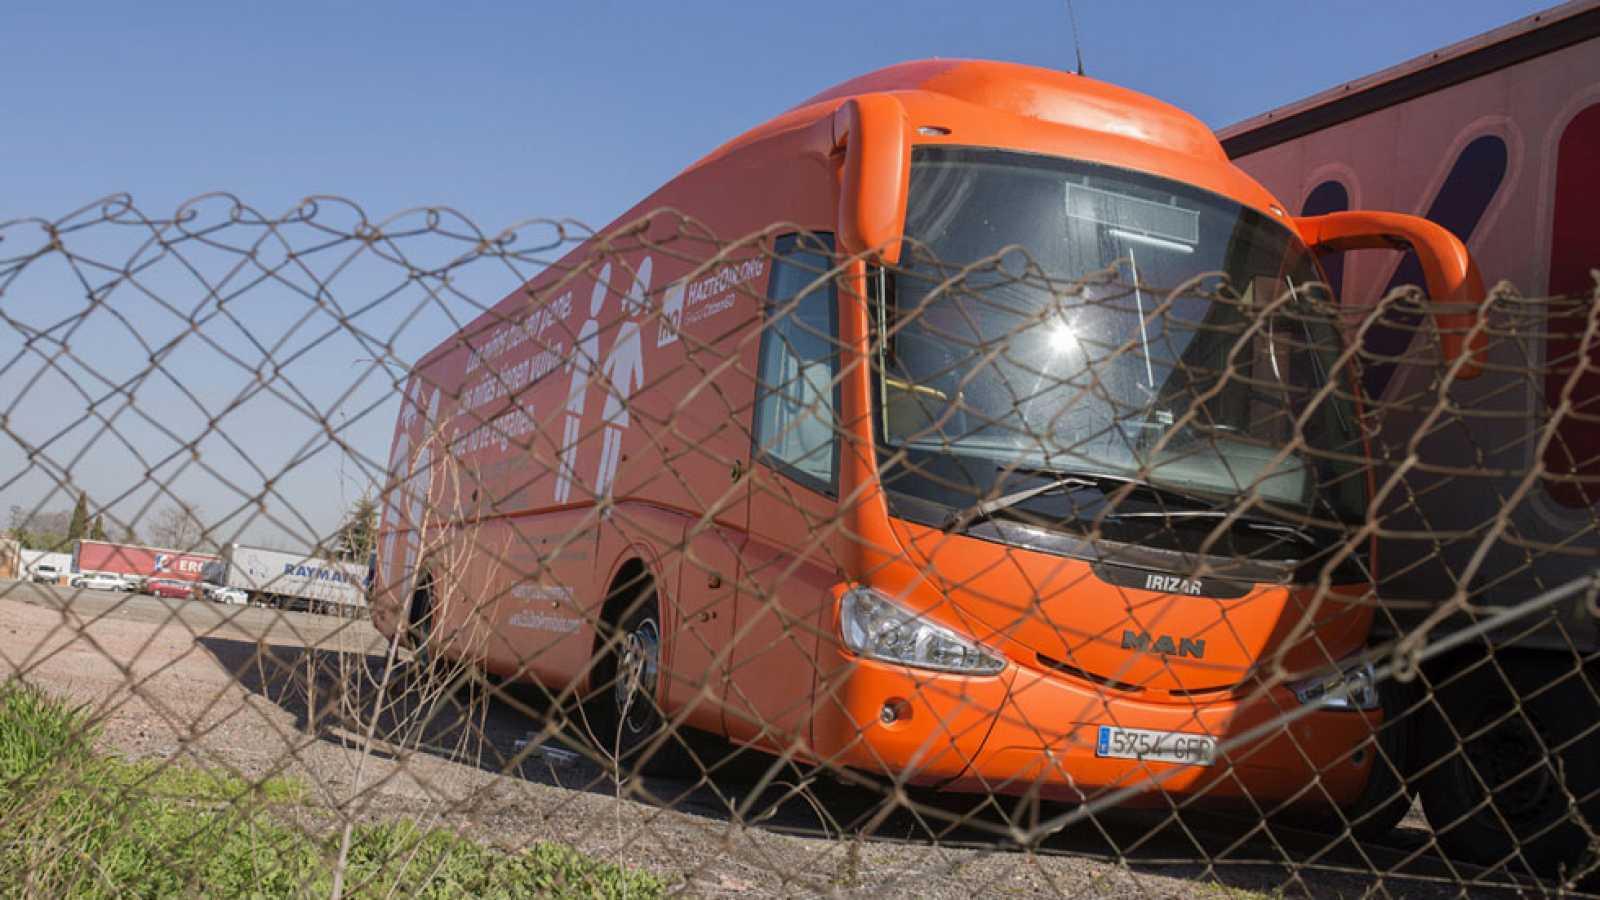 La Fiscalía pide al juez que prohíba circular al bus de Hazte oír contra la transexualidad